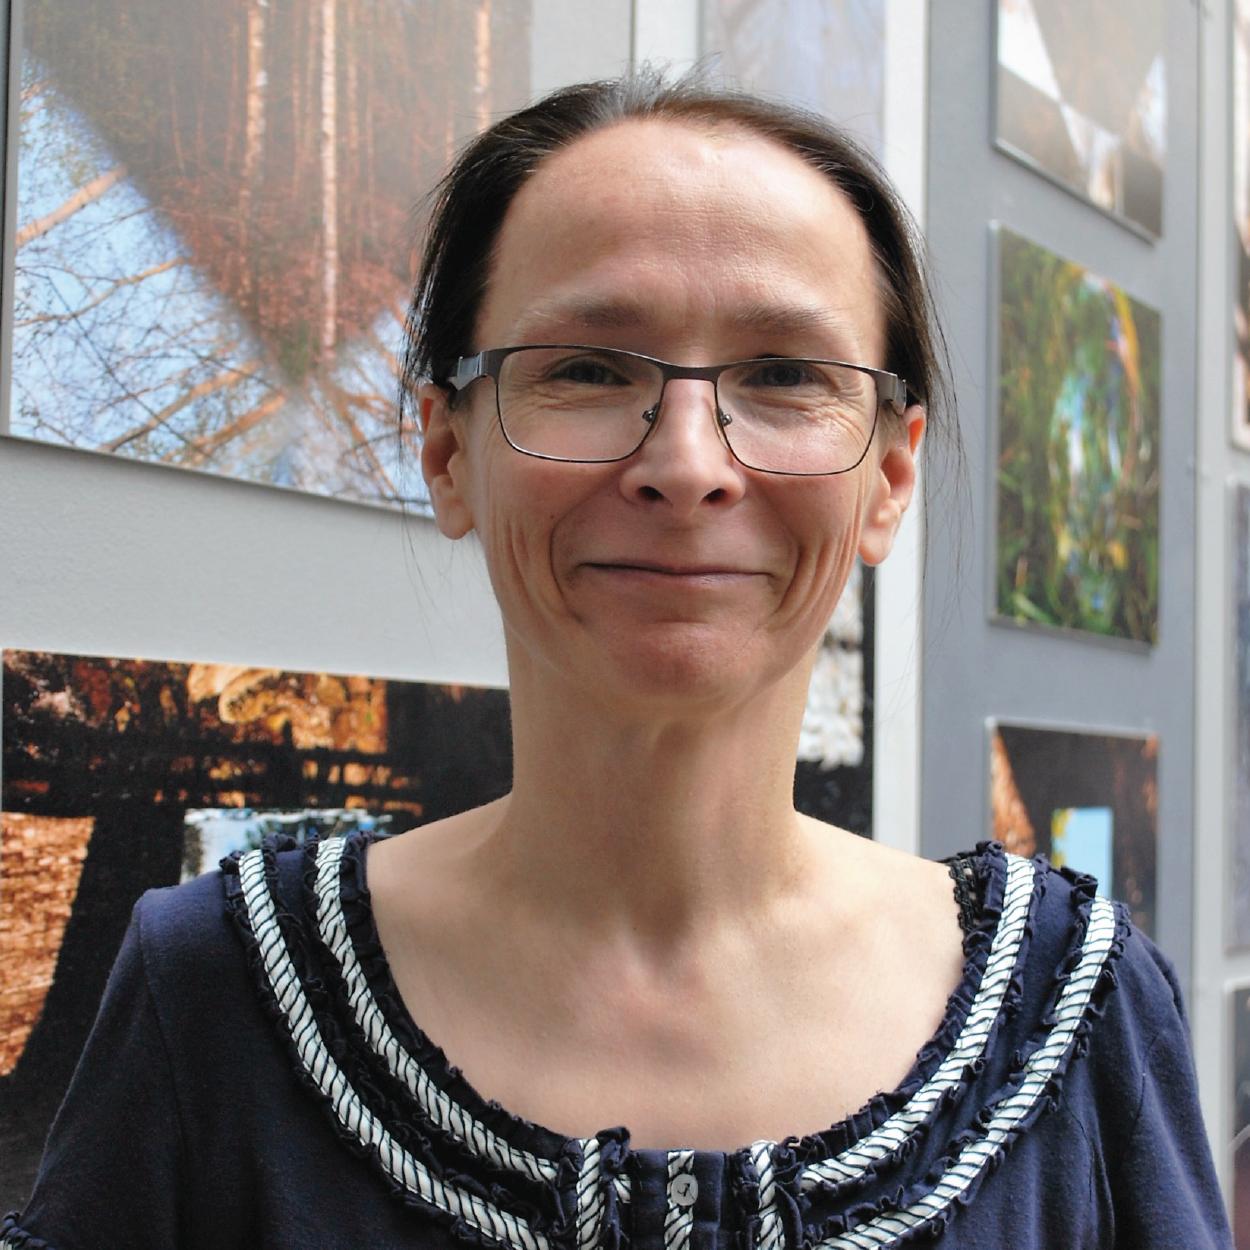 Agnieszka Licznerska